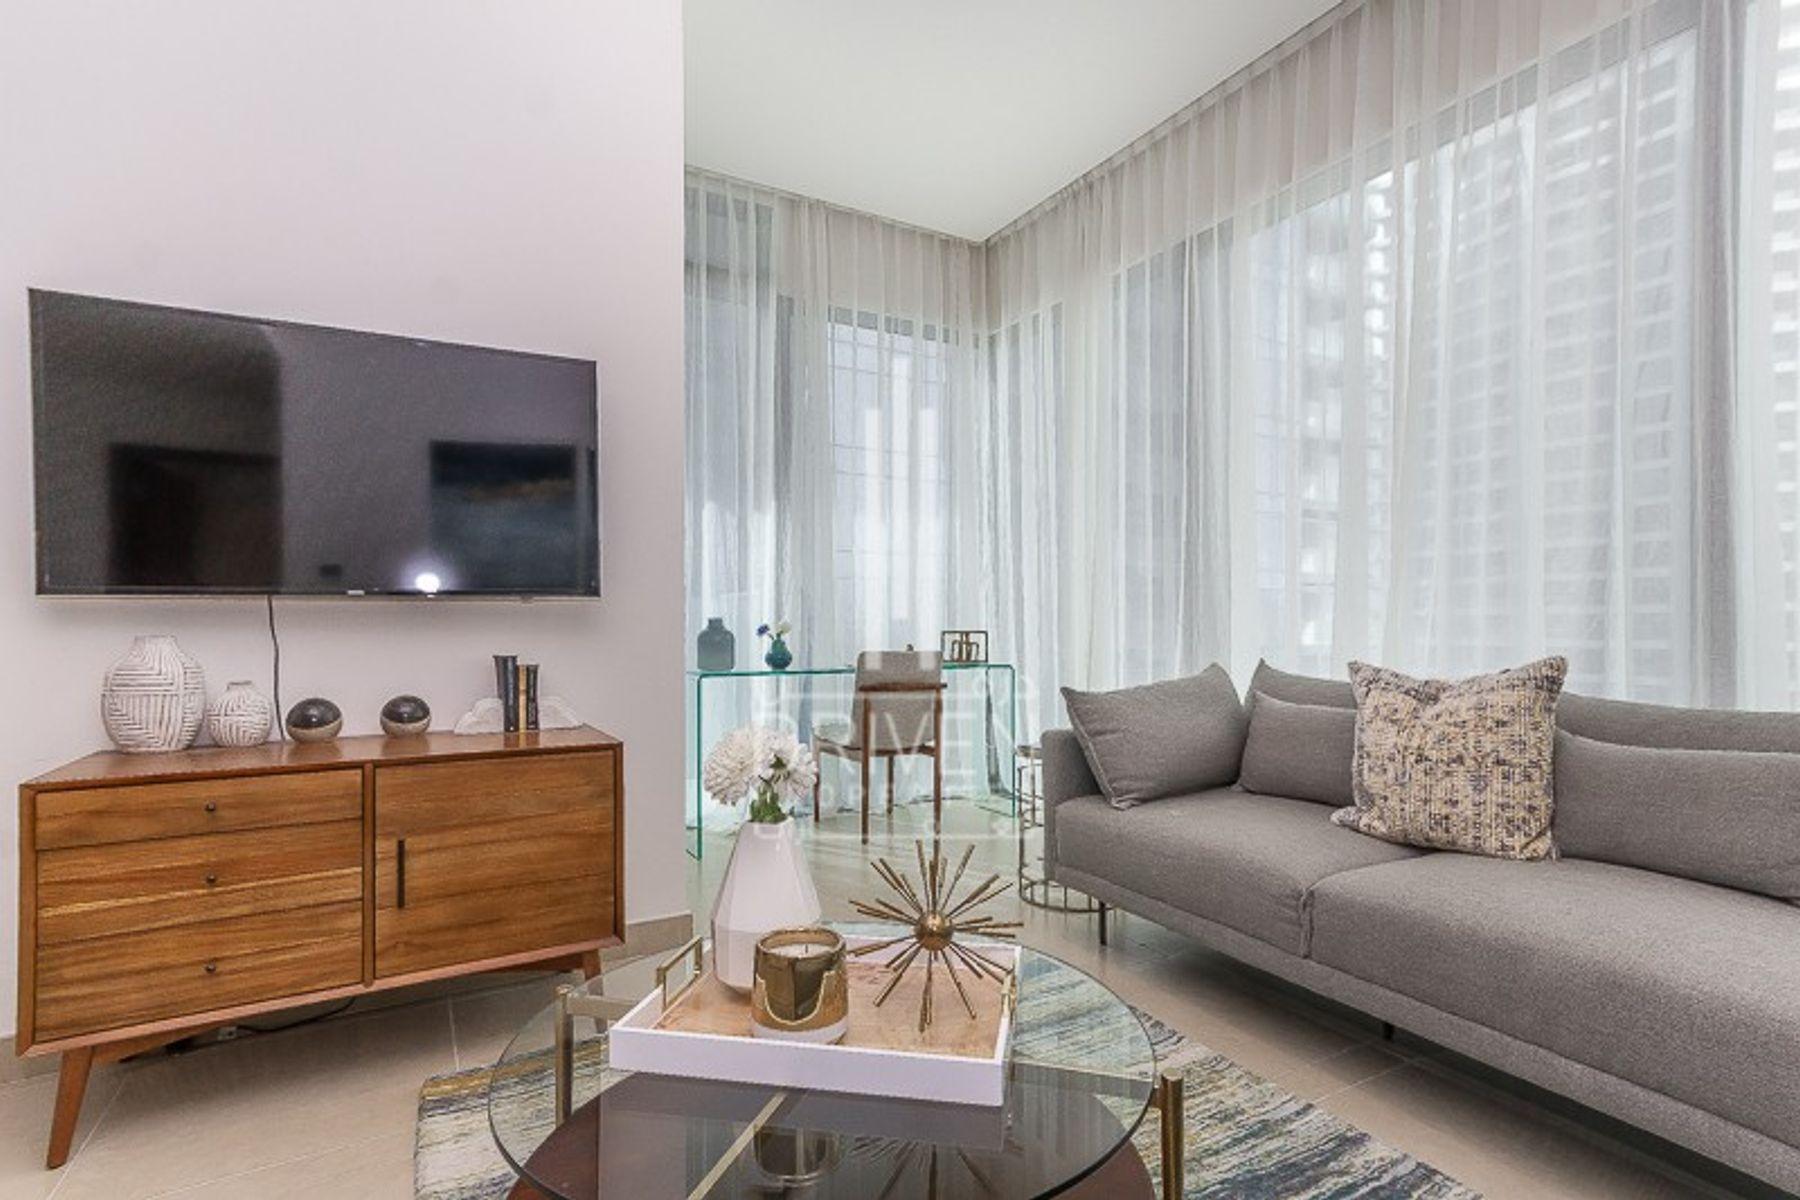 للبيع - شقة - بوابة المارينا 2 - دبي مارينا